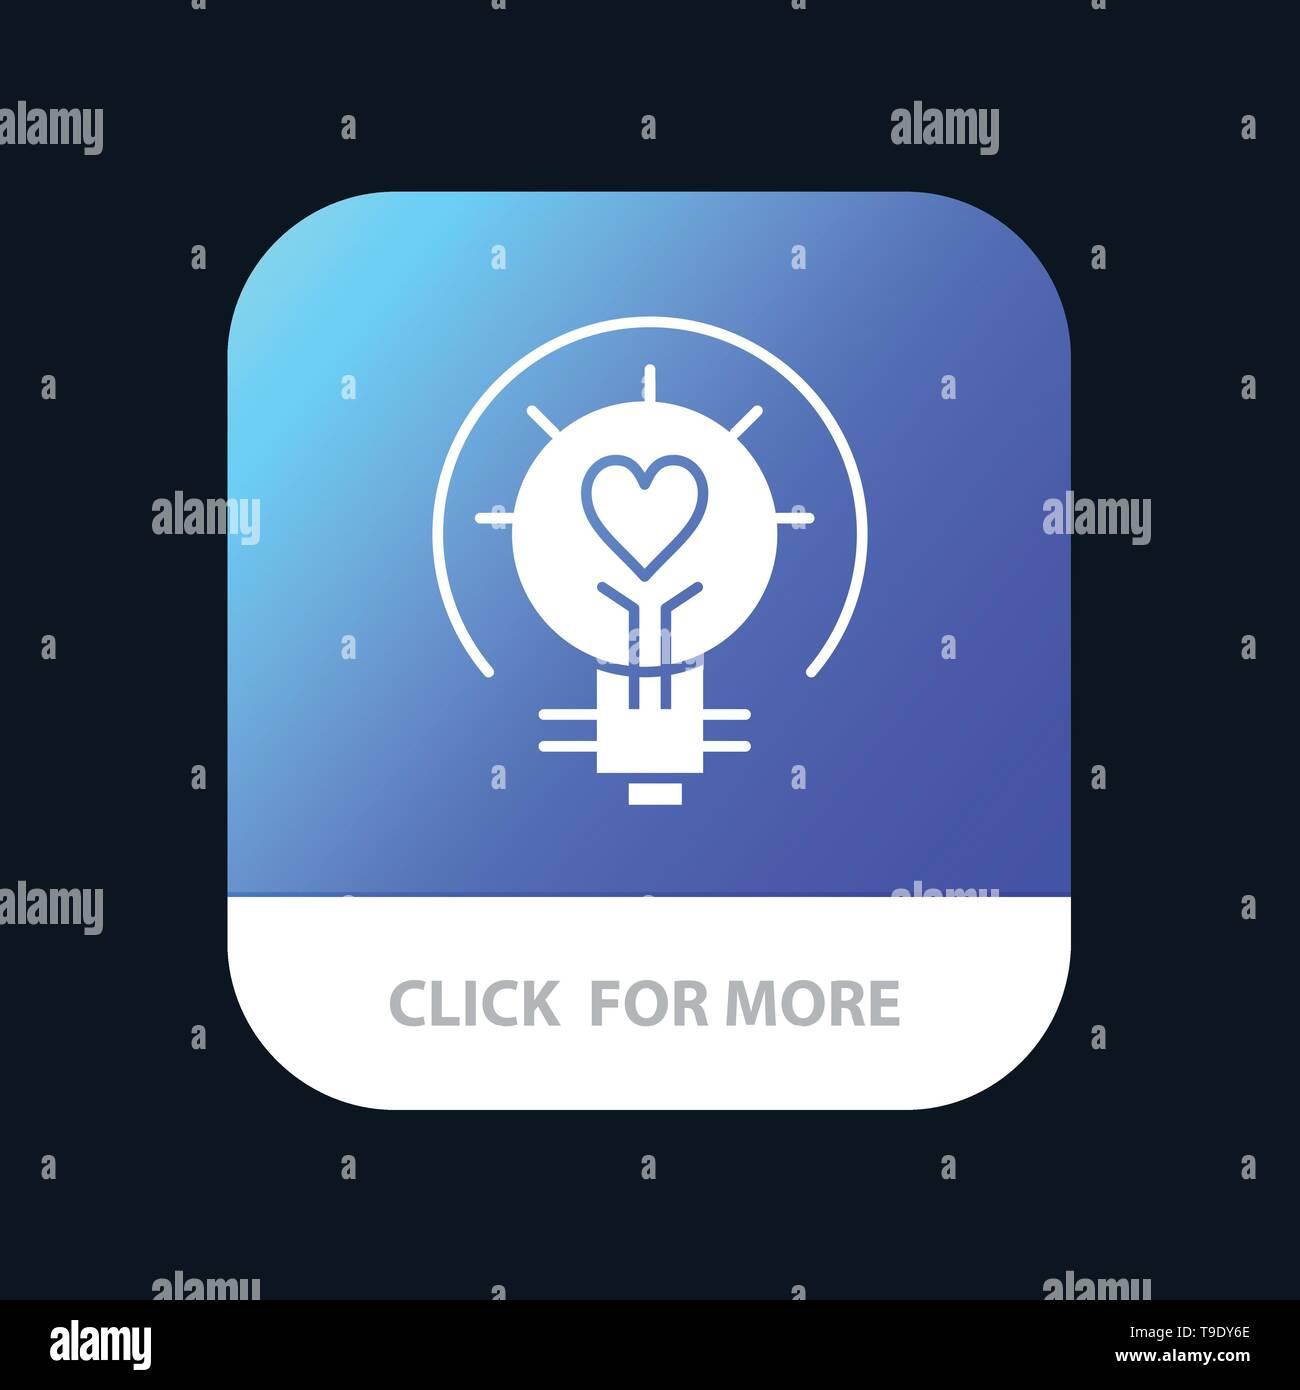 de Mobile LámparaValentineLuzluz App LámparaValentineLuzluz LámparaValentineLuzluz de de Mobile lámparaConsejos lámparaConsejos App OmN80Pvynw